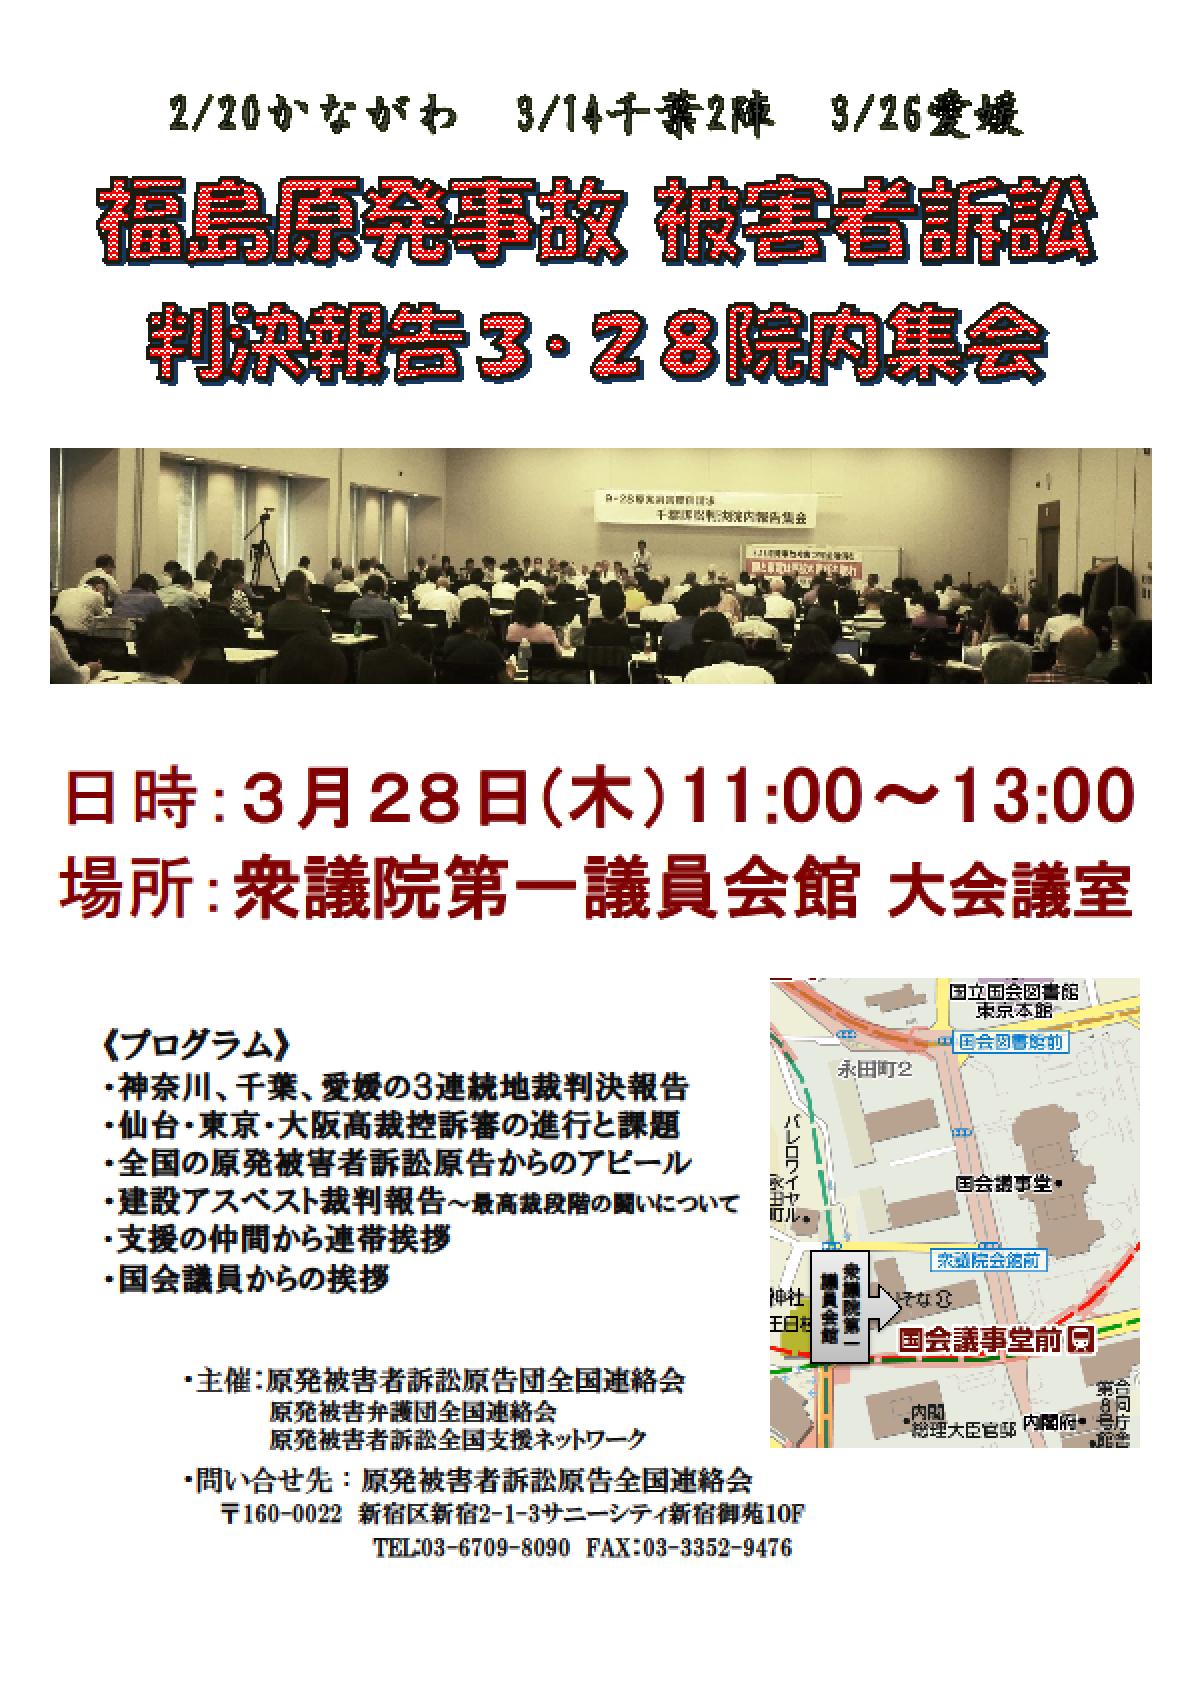 福島原発事故被害者訴訟 3連続判決報告3・28院内集会_e0391248_21401132.png